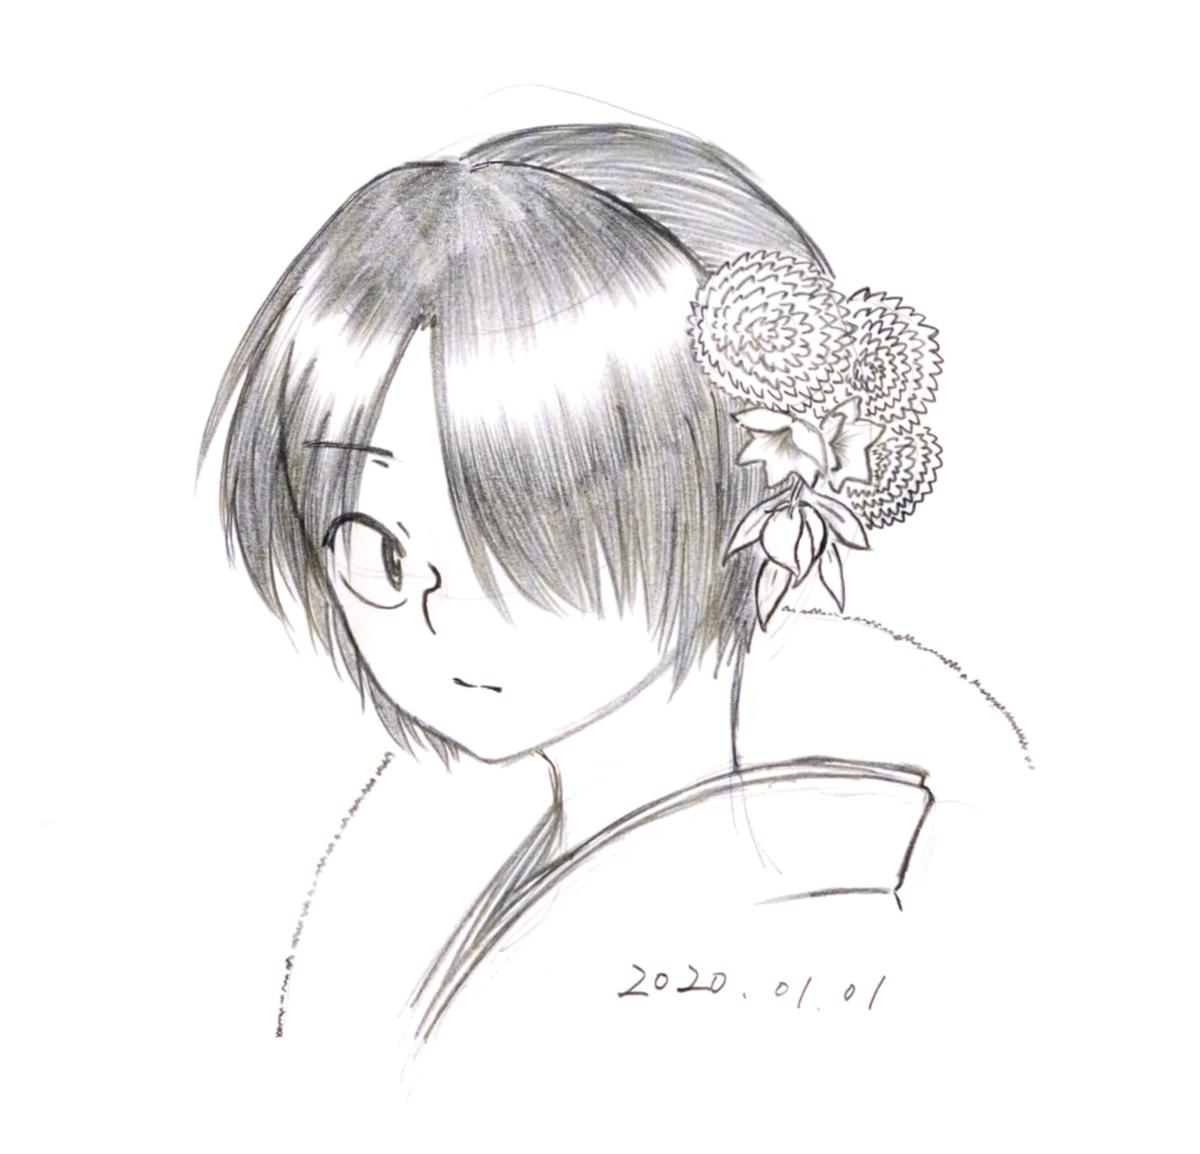 f:id:yatamaru0131:20200101001840p:plain